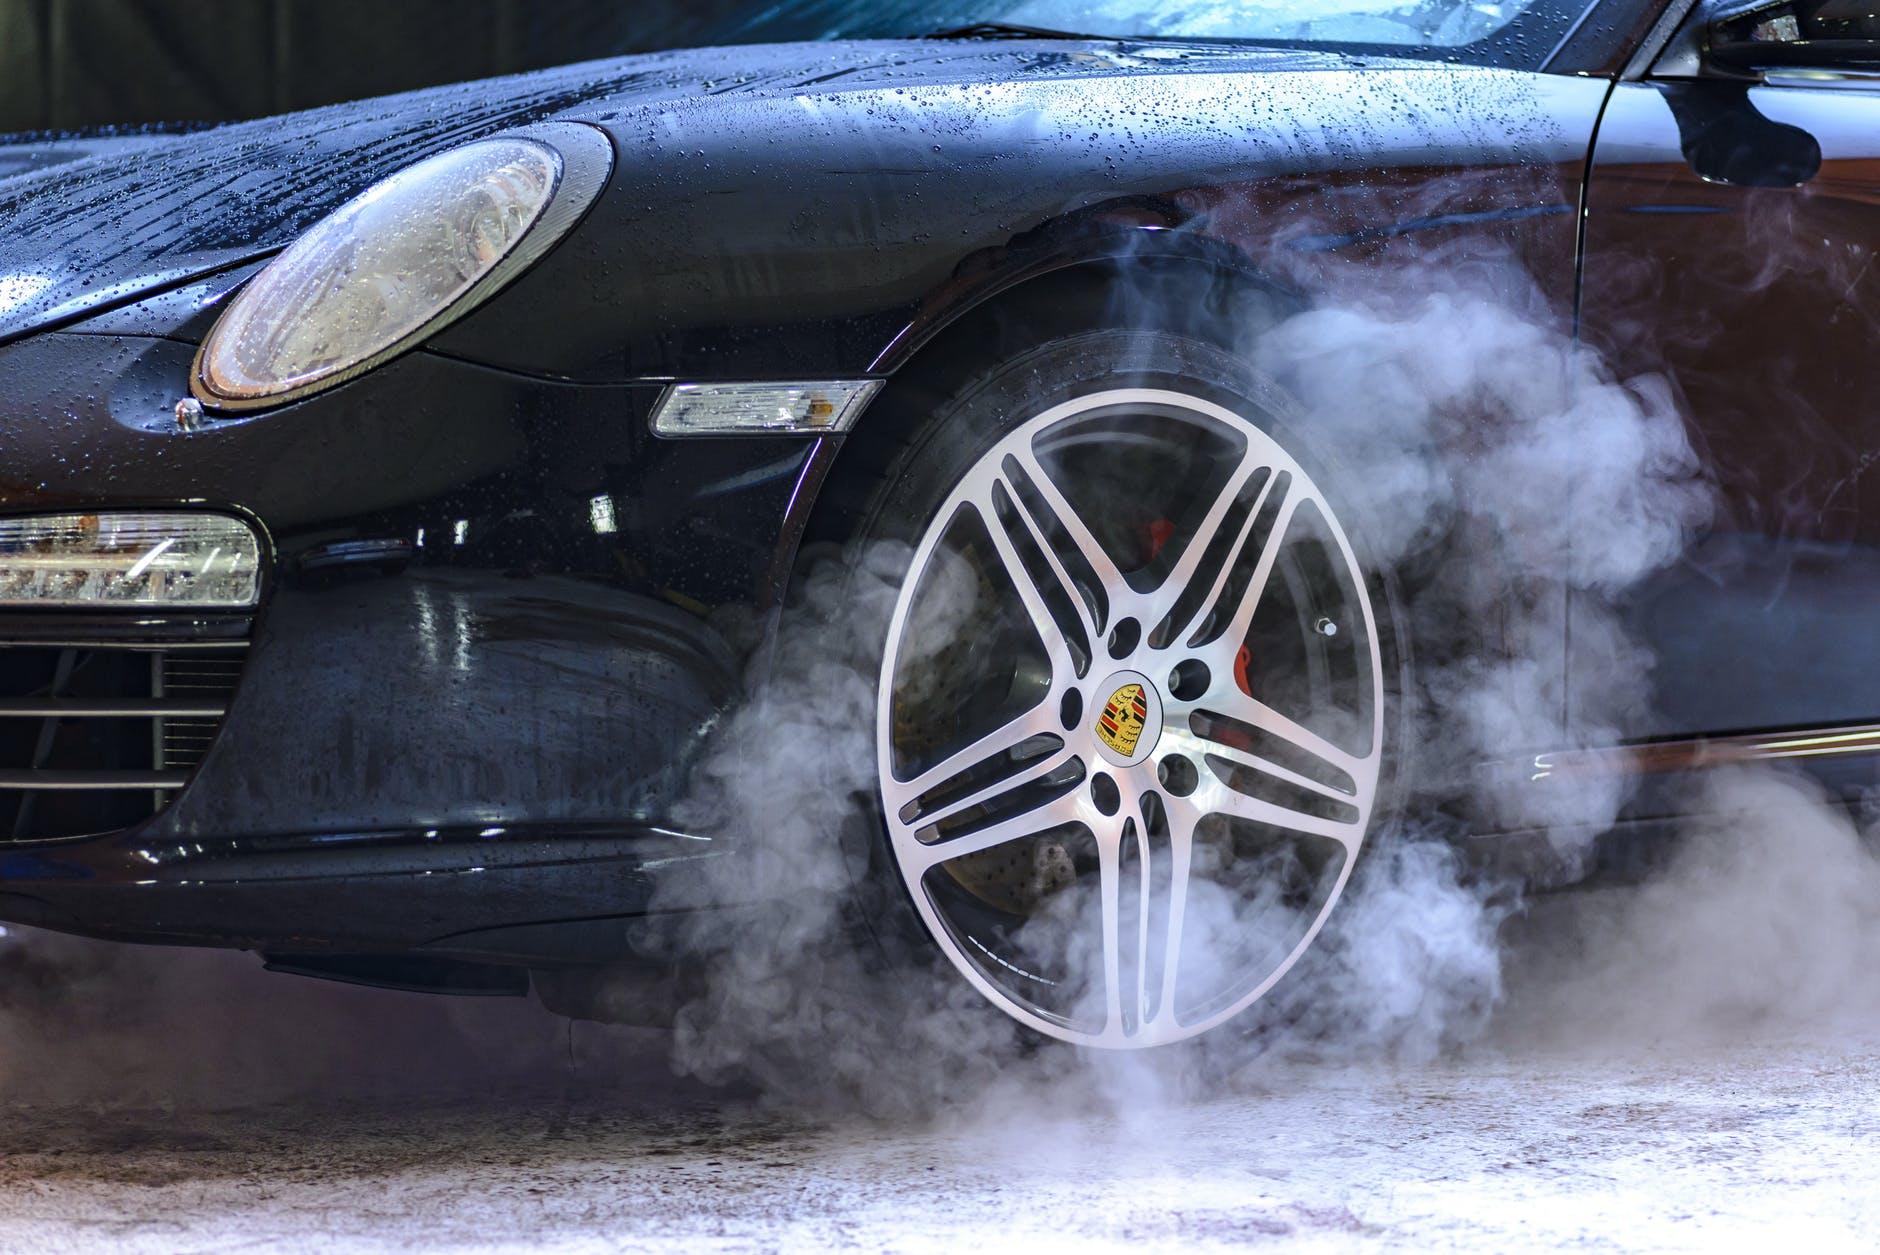 Антикоррозийная обработка кузова и скрытых полостей вашего автомобиля